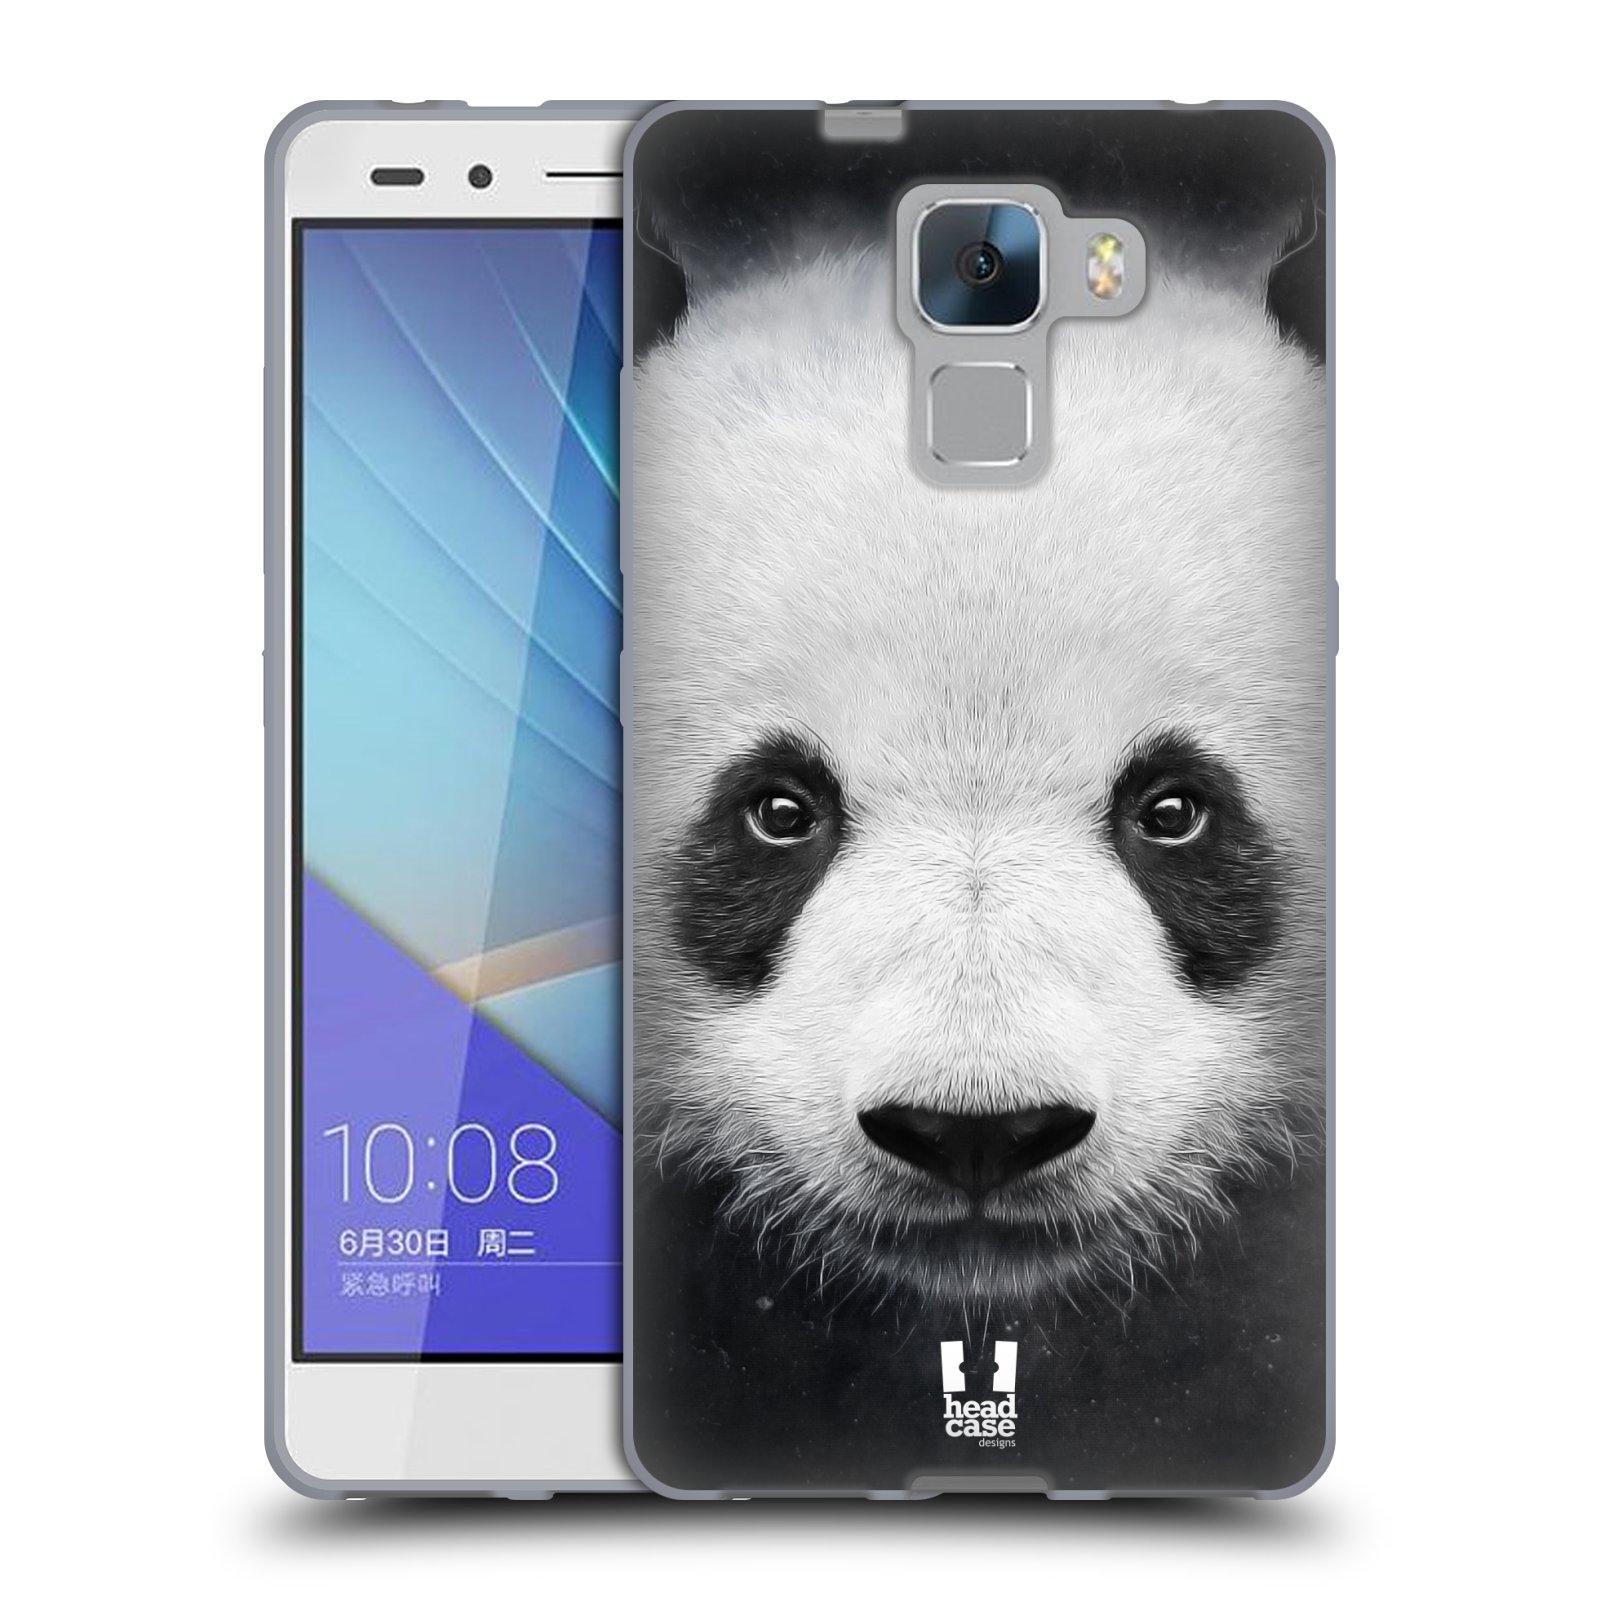 HEAD CASE silikonový obal na mobil HUAWEI HONOR 7 vzor Zvířecí tváře medvěd panda